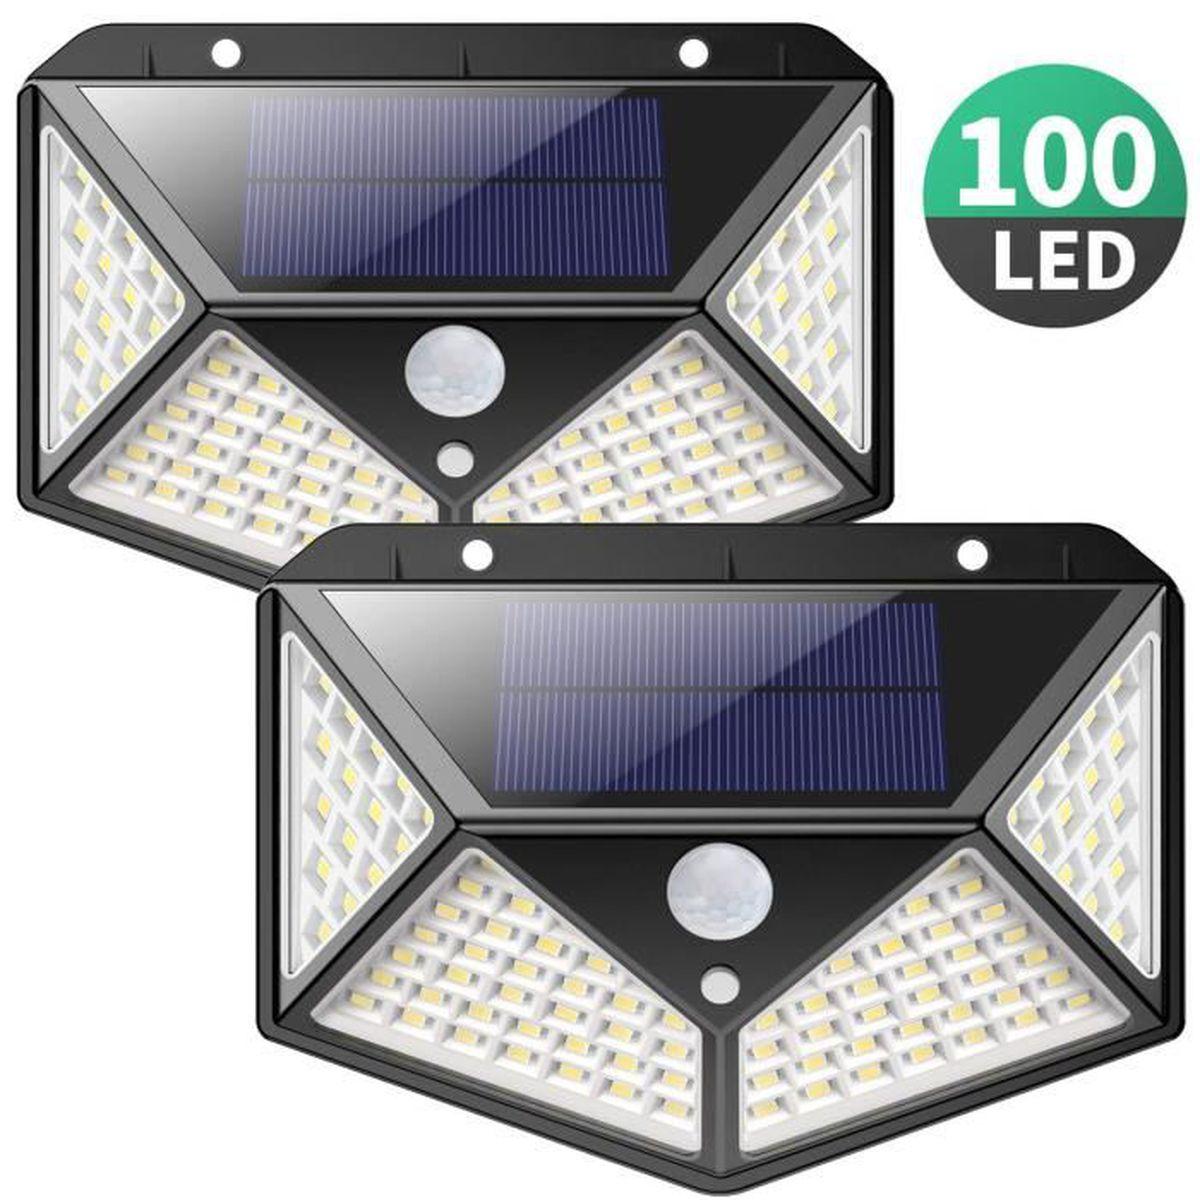 Lampe Energie Solaire Interieur lampe solaire 100 lumens